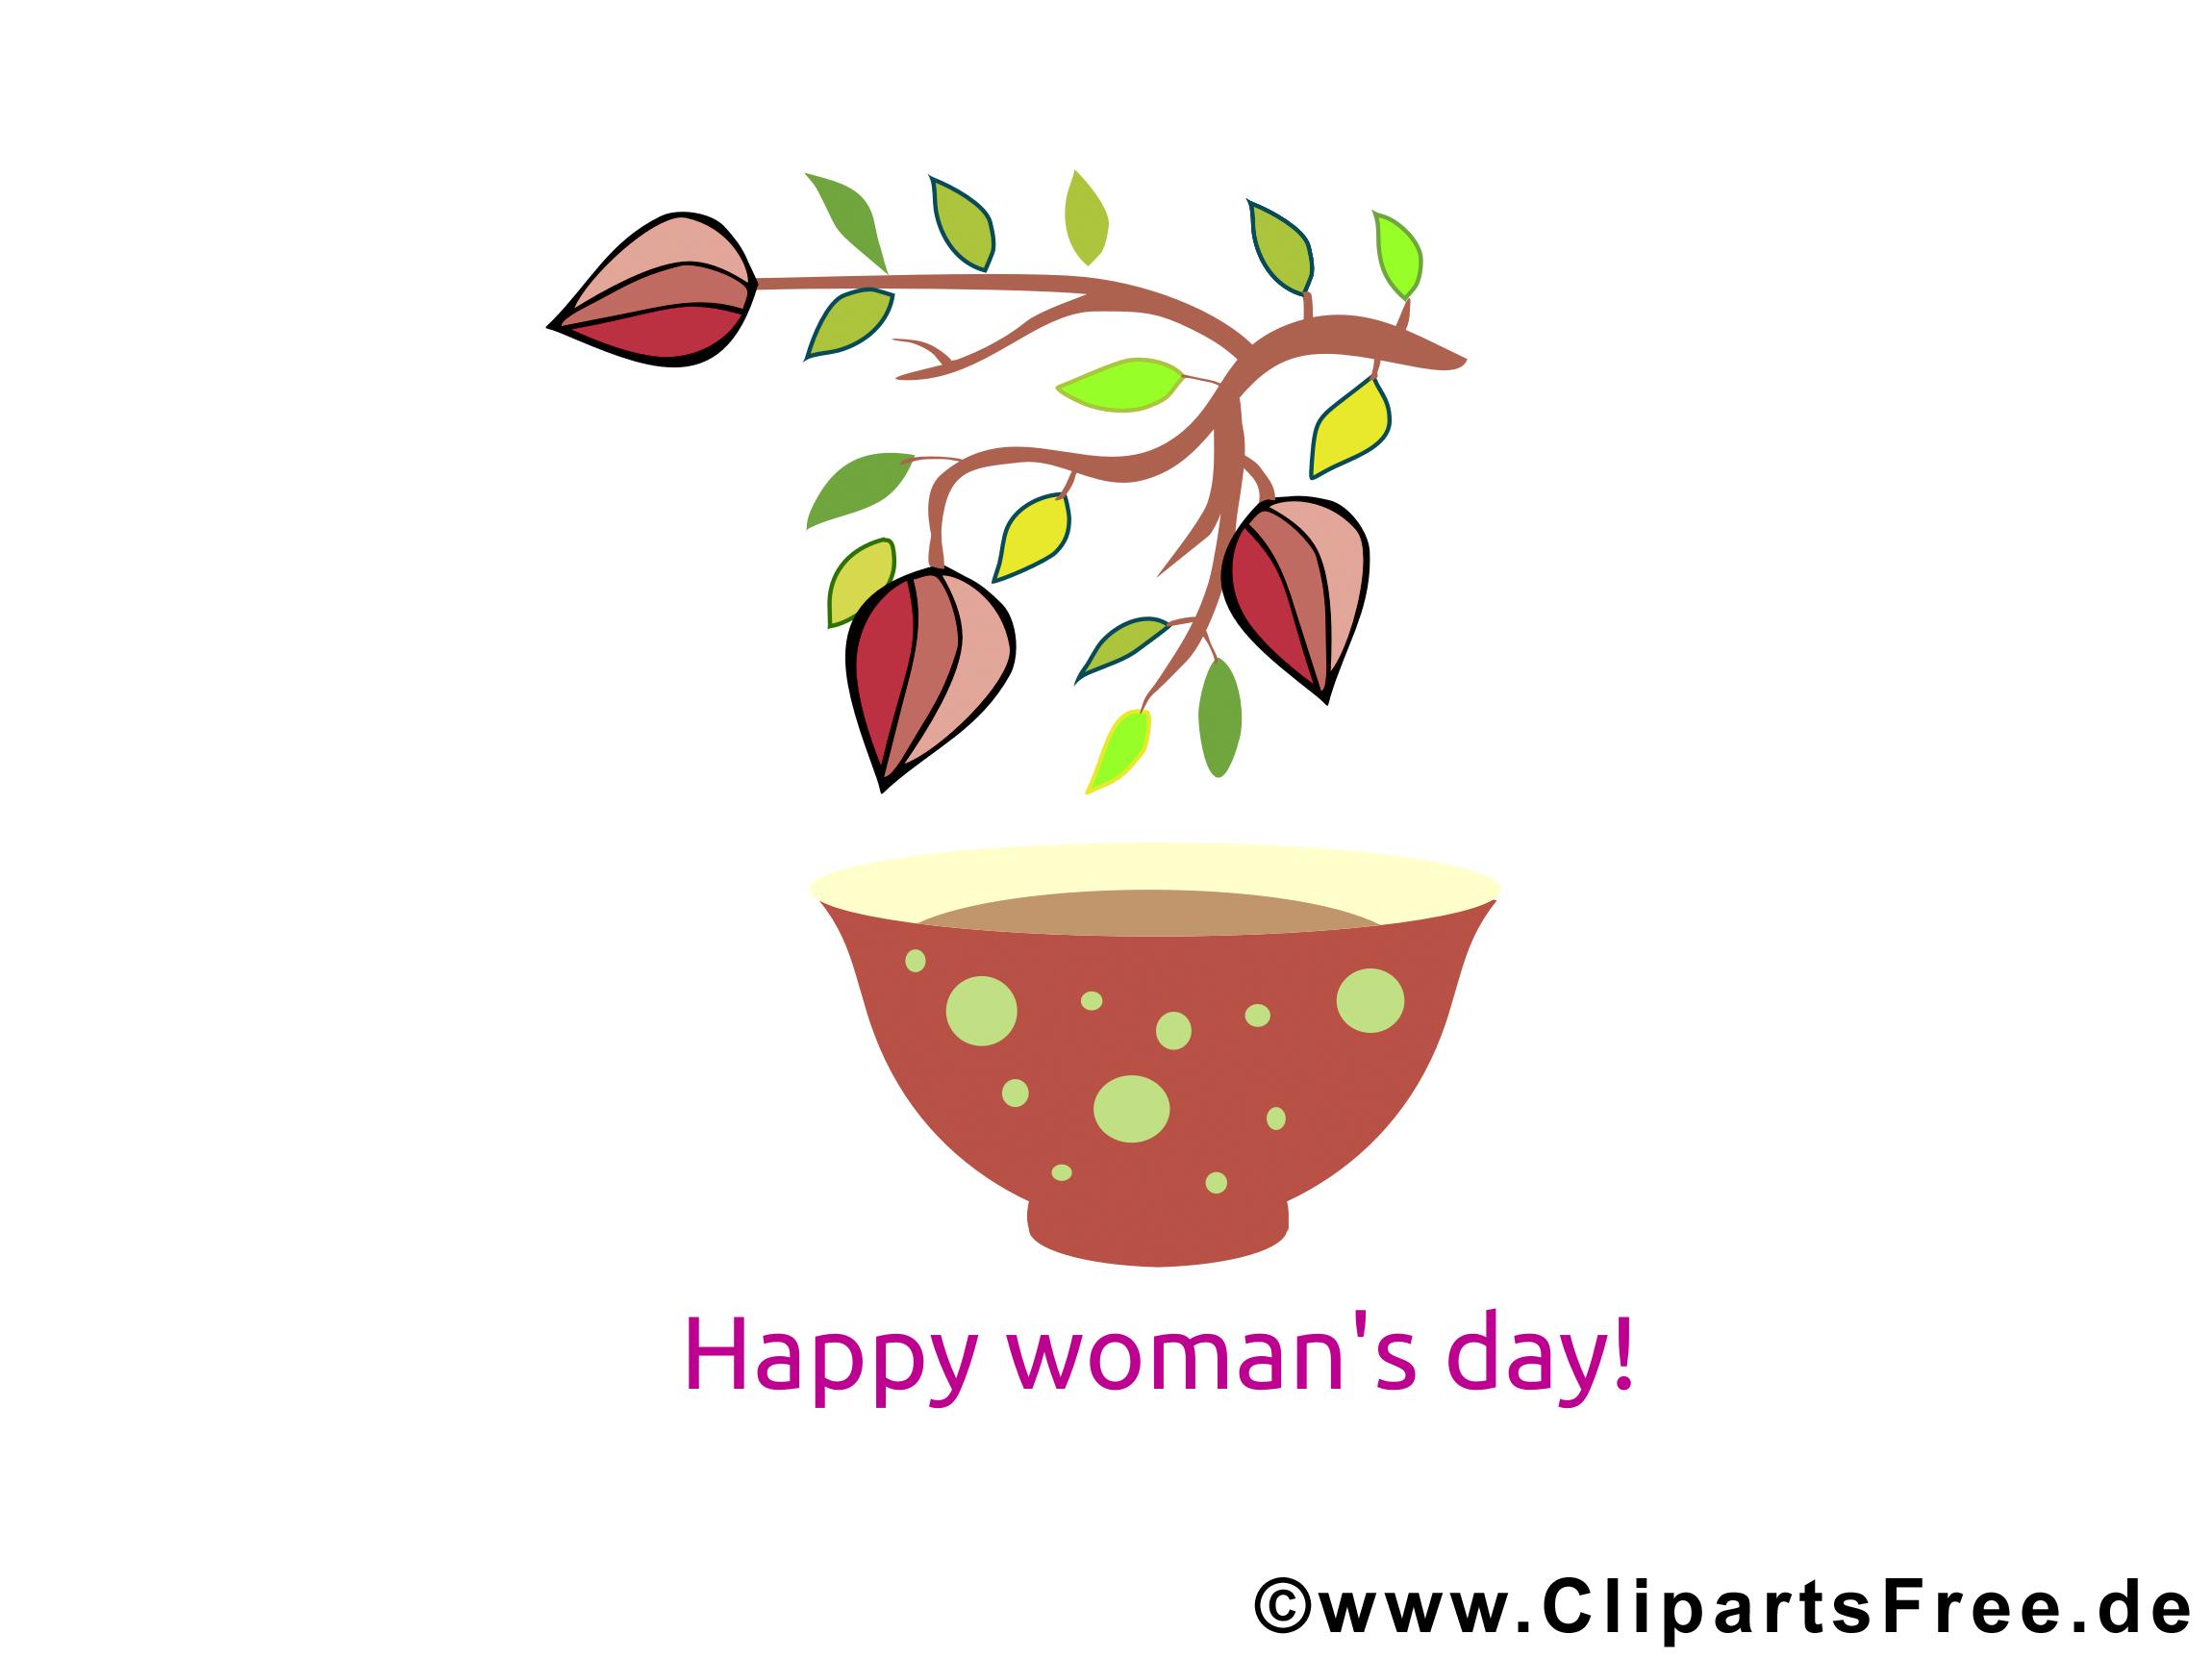 Internationalen Frauentag Karte, Bild, Glückwünsche